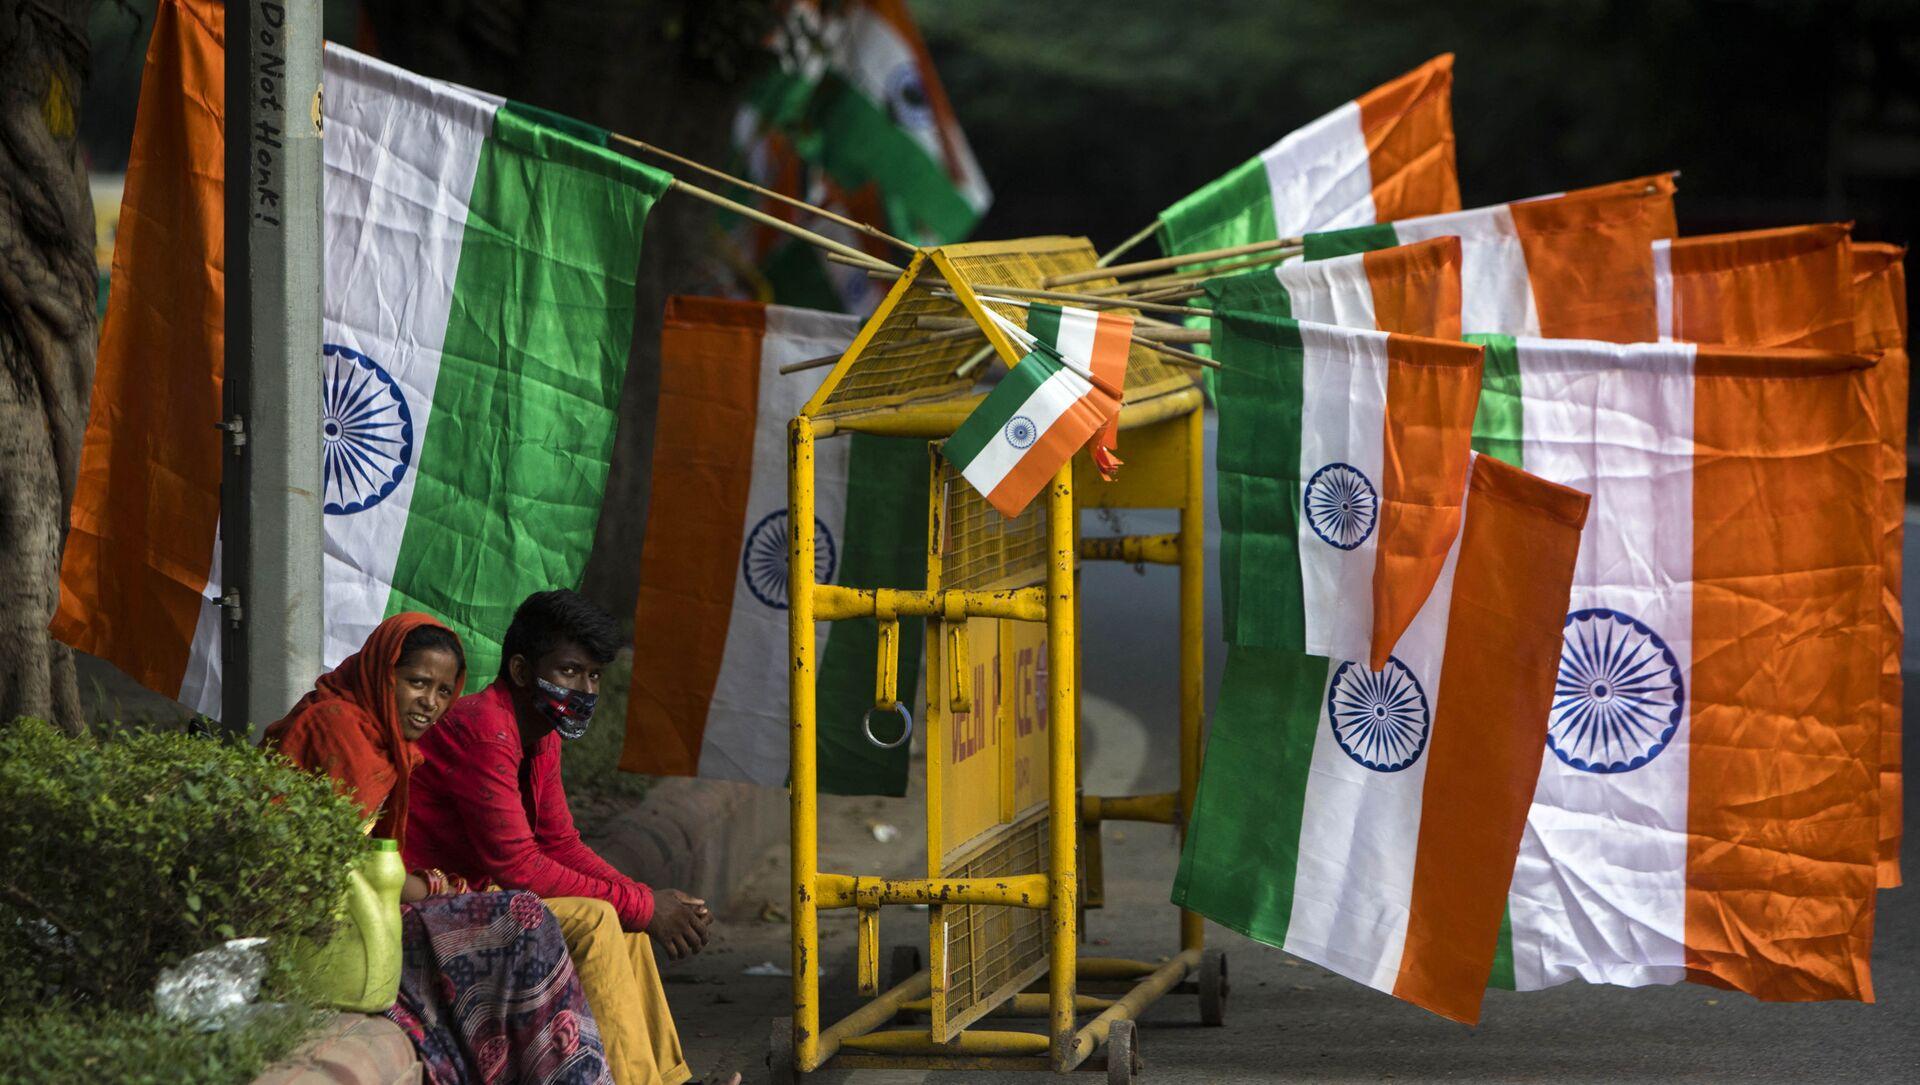 Продажа национальных флагов Индии в Нью-Дели, фото из архива - Sputnik Азербайджан, 1920, 25.09.2021